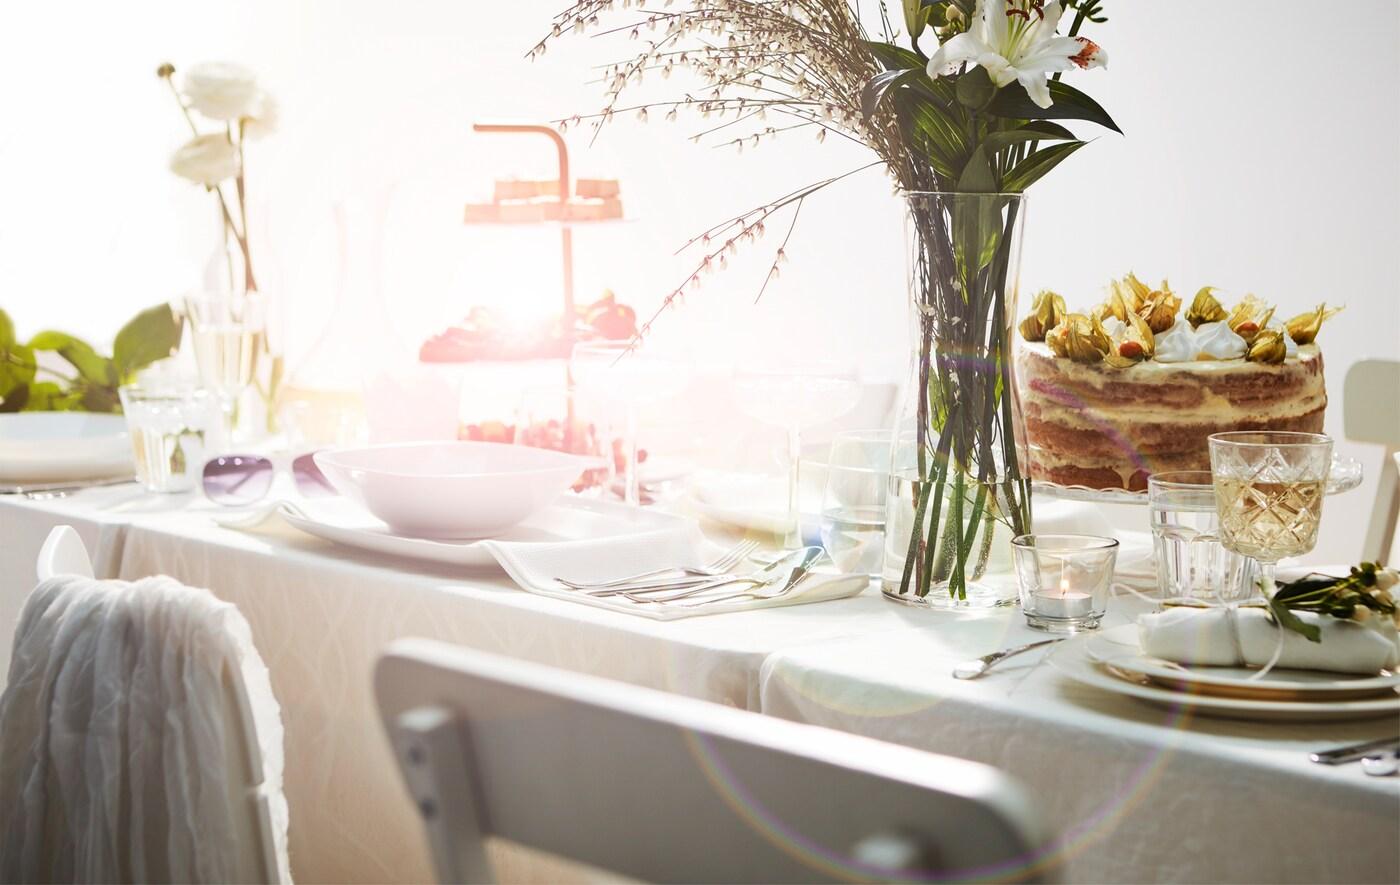 Partie d'une tablée romantique et généreuse: nappe, vaisselle et meubles blancs, gâteau, plateau étagé et fleurs